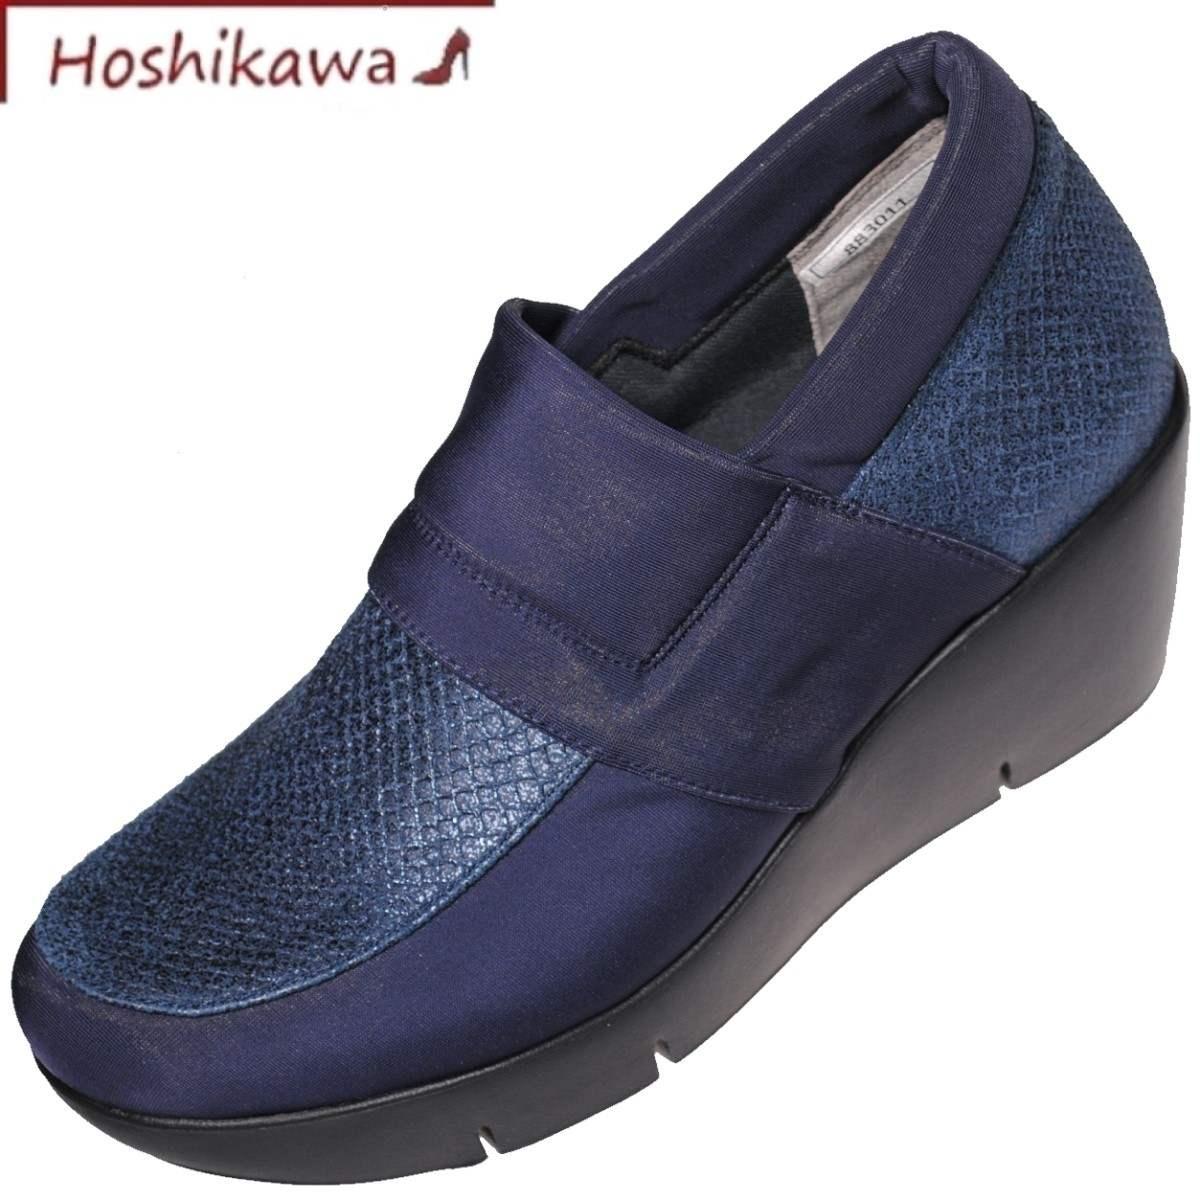 モネ 返品交換不可 厚底カジュアルシューズ ウェッジソール 牛革 日本製 靴のHOSHIKAWA MONET 厚底本革 国産 883011 EEEネイビー トレンド スリッポン21.5cm~24.5cm レディースブーティー